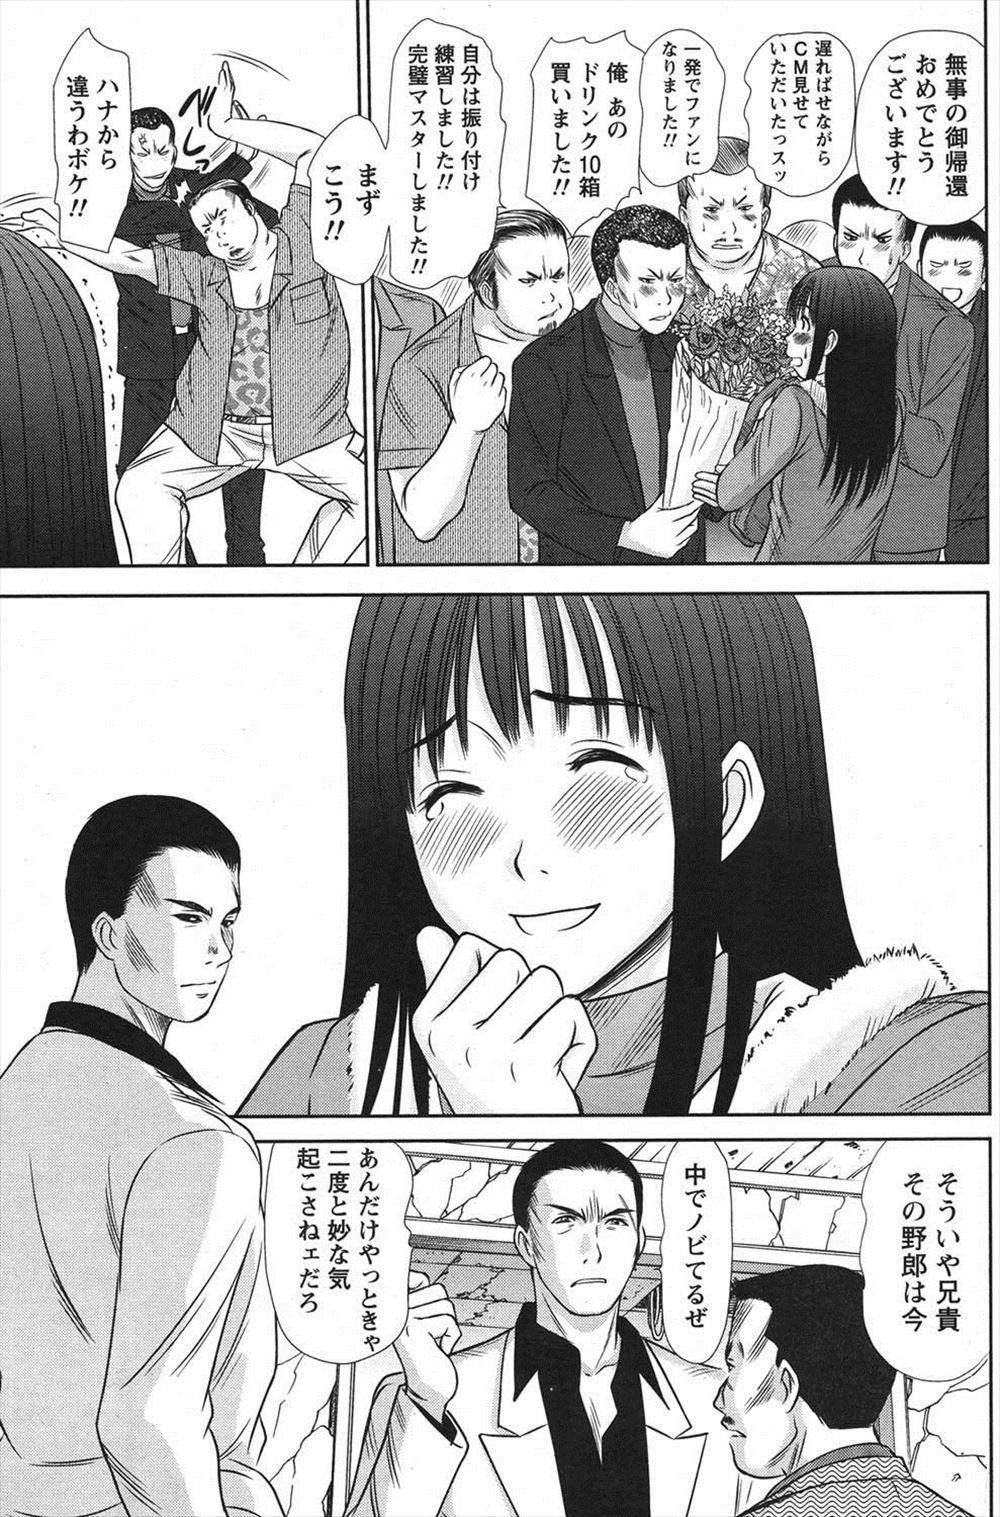 【エロ漫画同人誌】マネージャーに犯されかけた美少女アイドルがヤクザの男に助けられて抱いてもらう展開に♡ 009